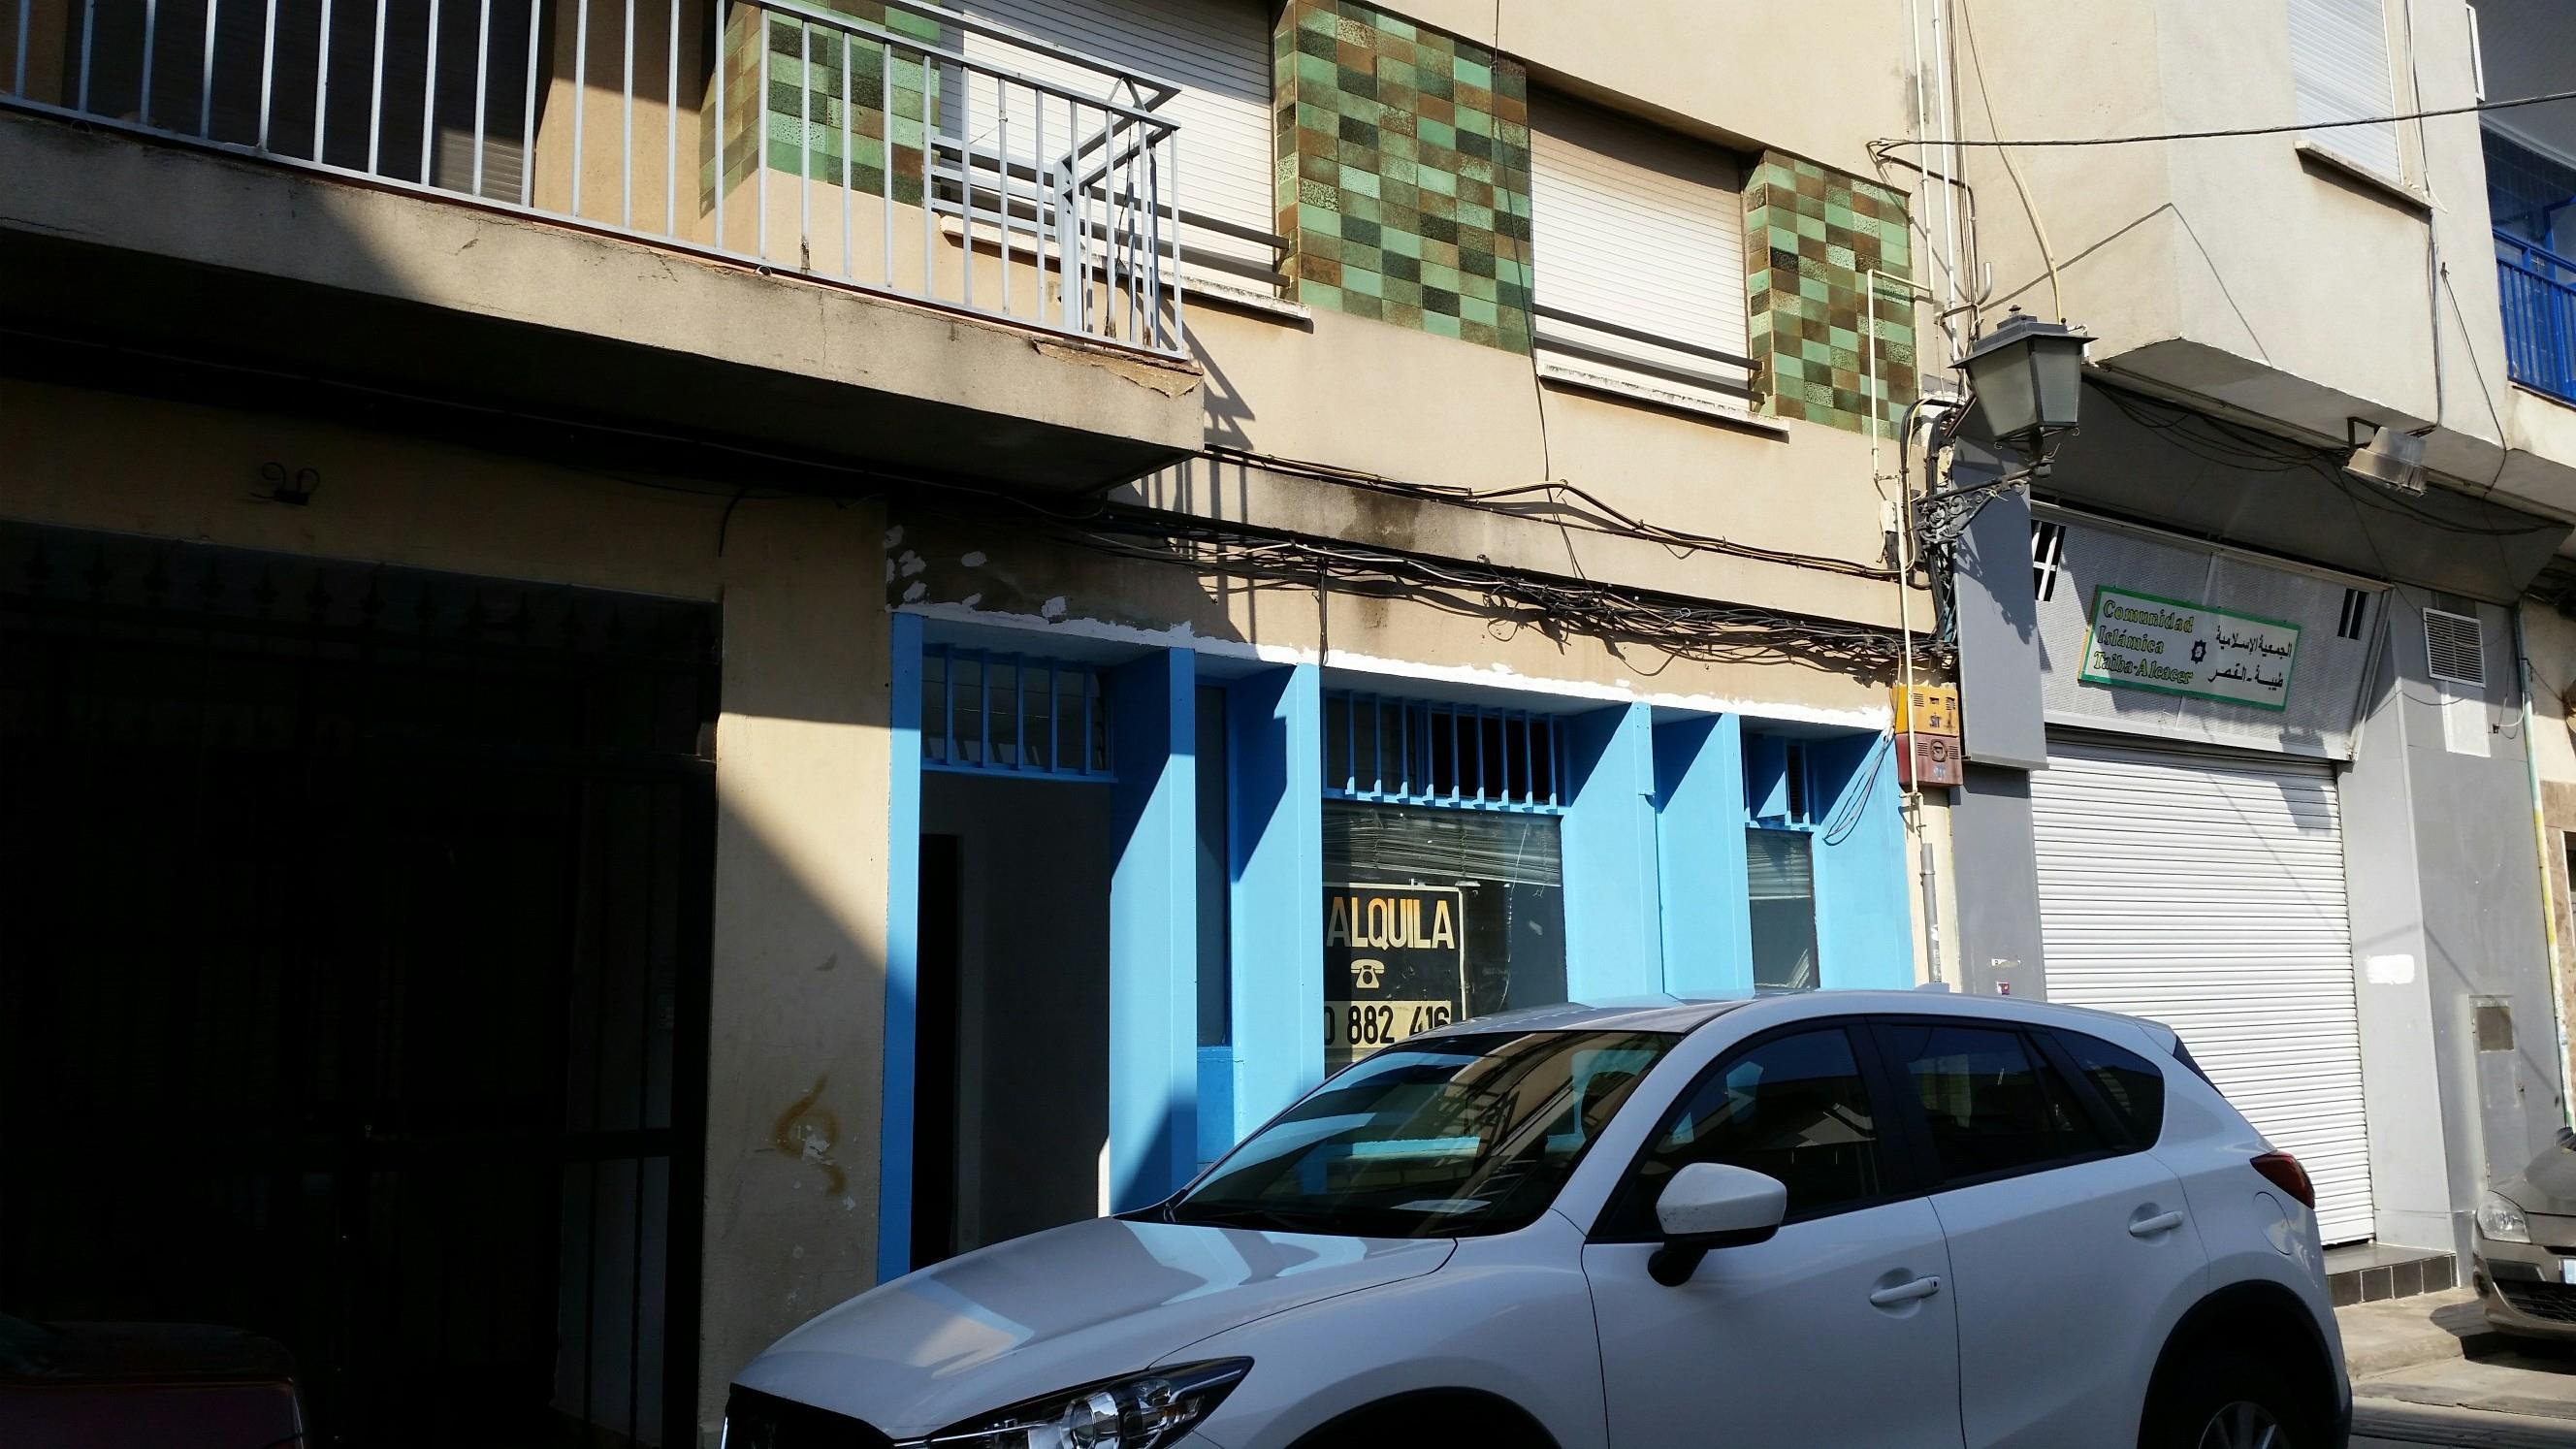 Local Comercial  Calle calle santísima trinidad, 90